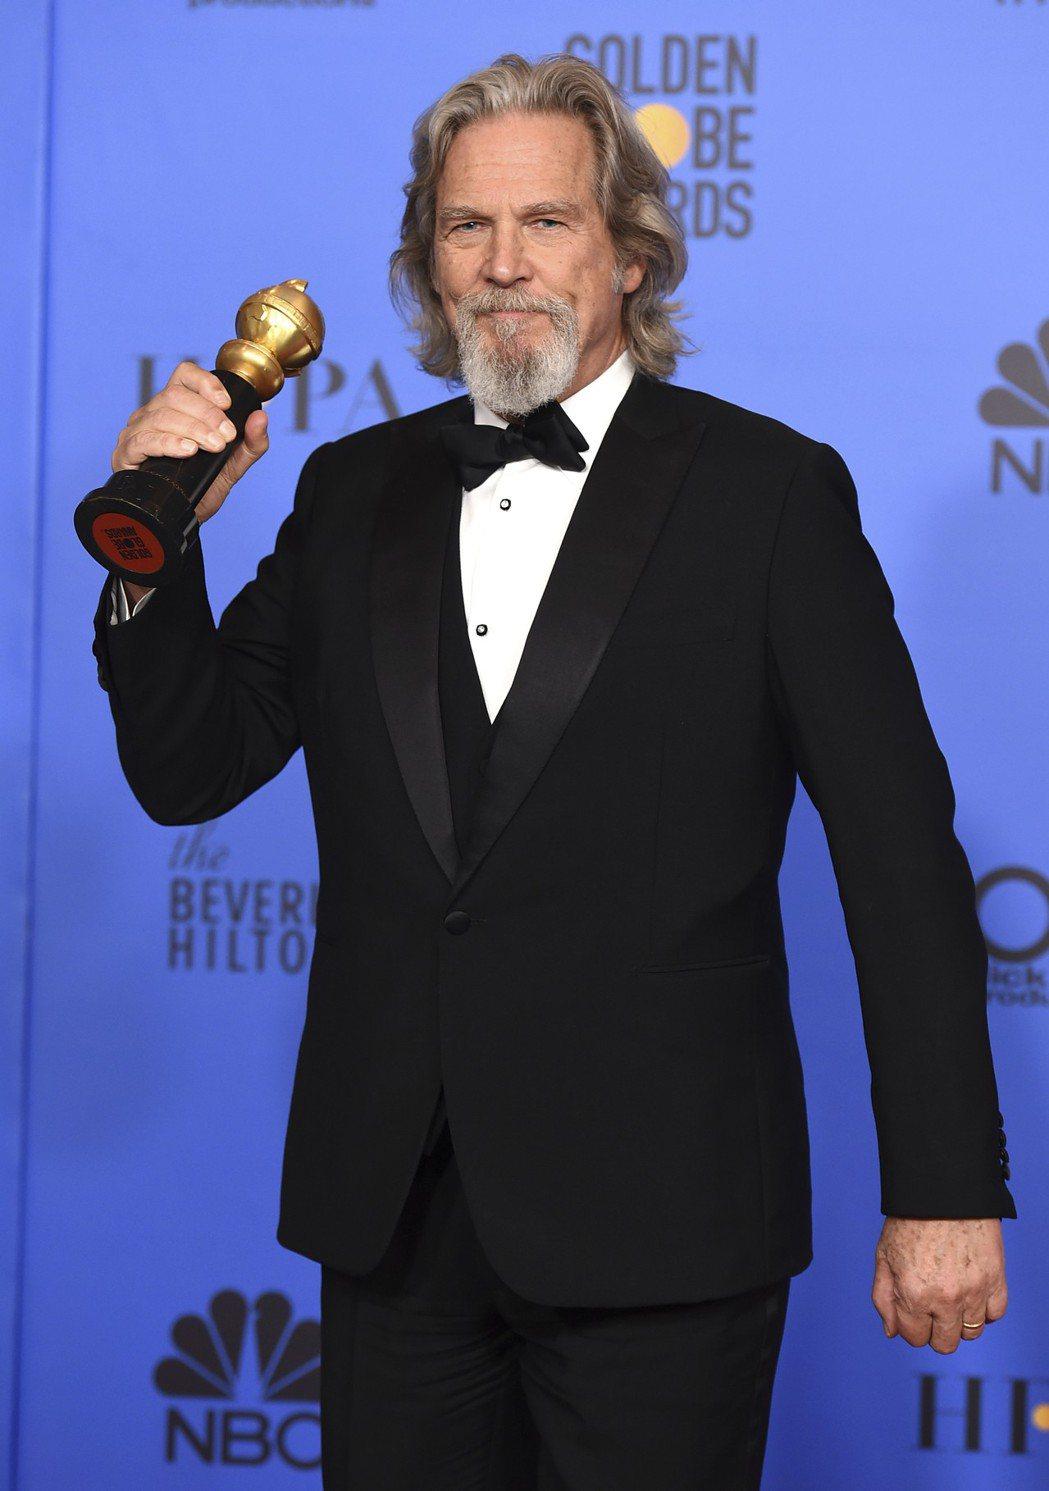 69歲美國男星傑夫布里吉(Jeff Bridges)獲得金球獎終身成就獎。圖/美